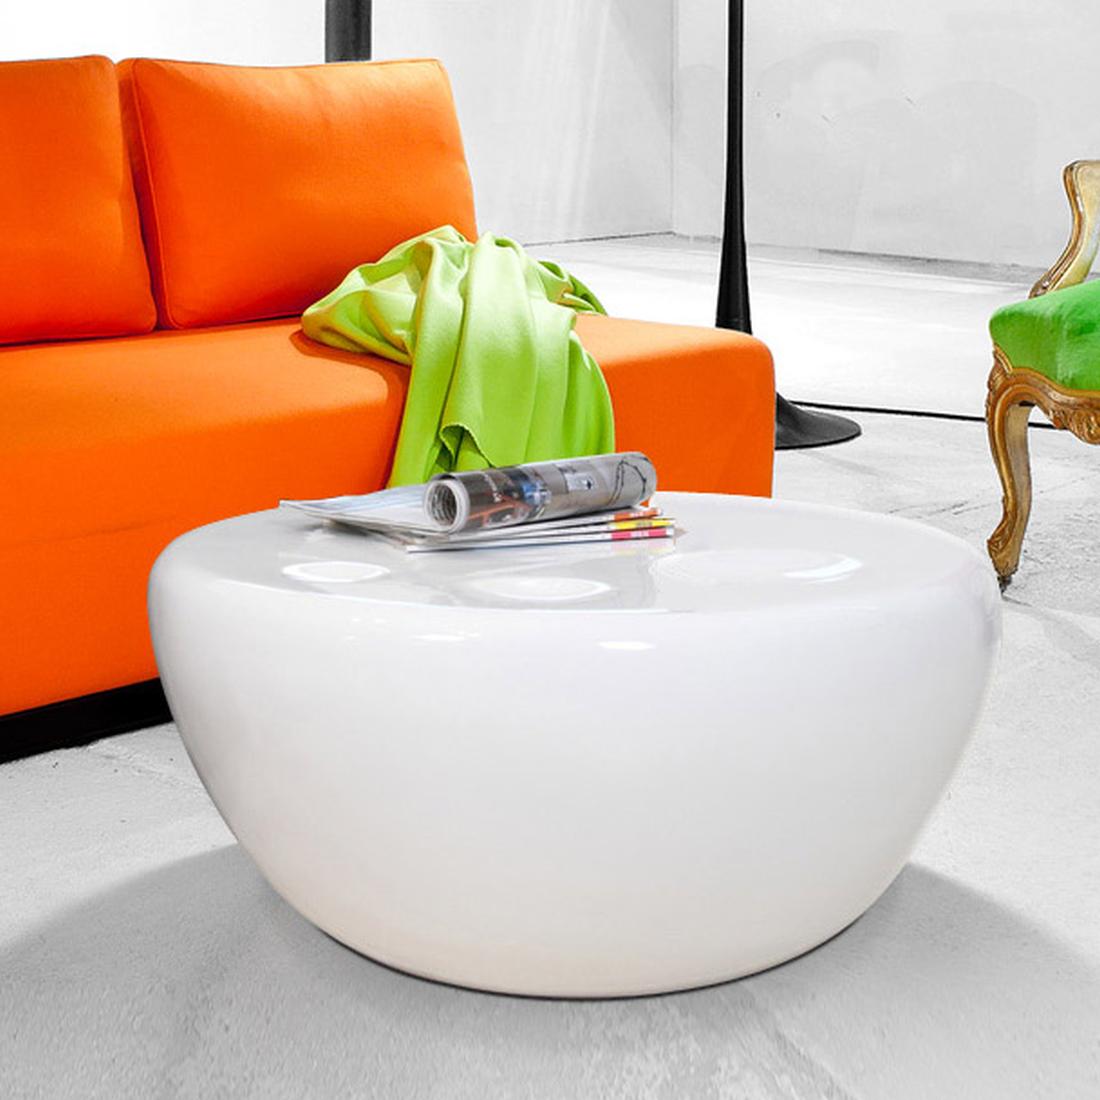 couchtisch kunststoff wei energiemakeovernop. Black Bedroom Furniture Sets. Home Design Ideas